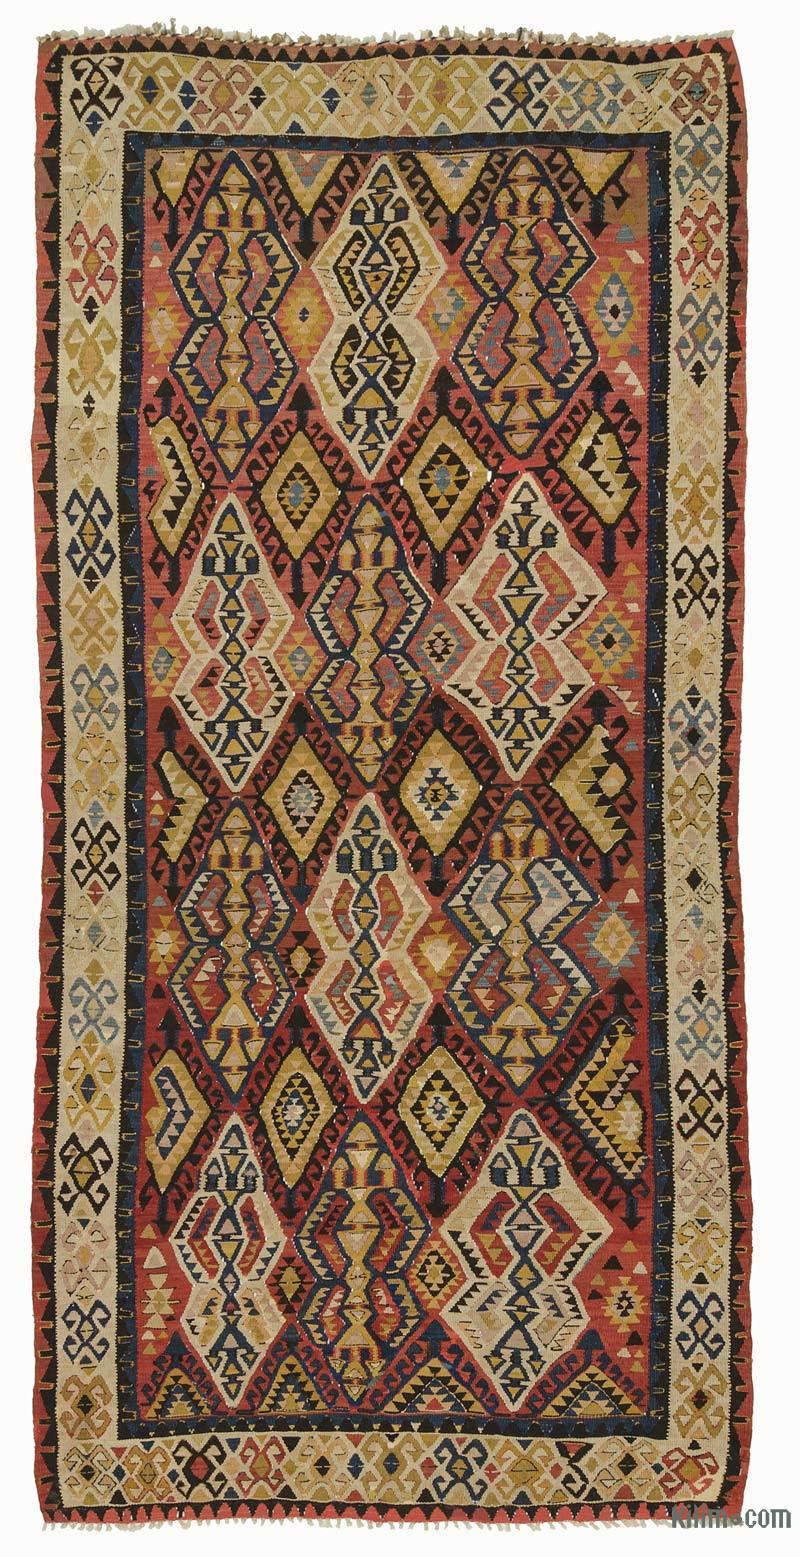 """Multicolor Antique Avar Kilim Rug - 5' 7"""" x 11' 4"""" (67 in. x 136 in.) - K0007939"""